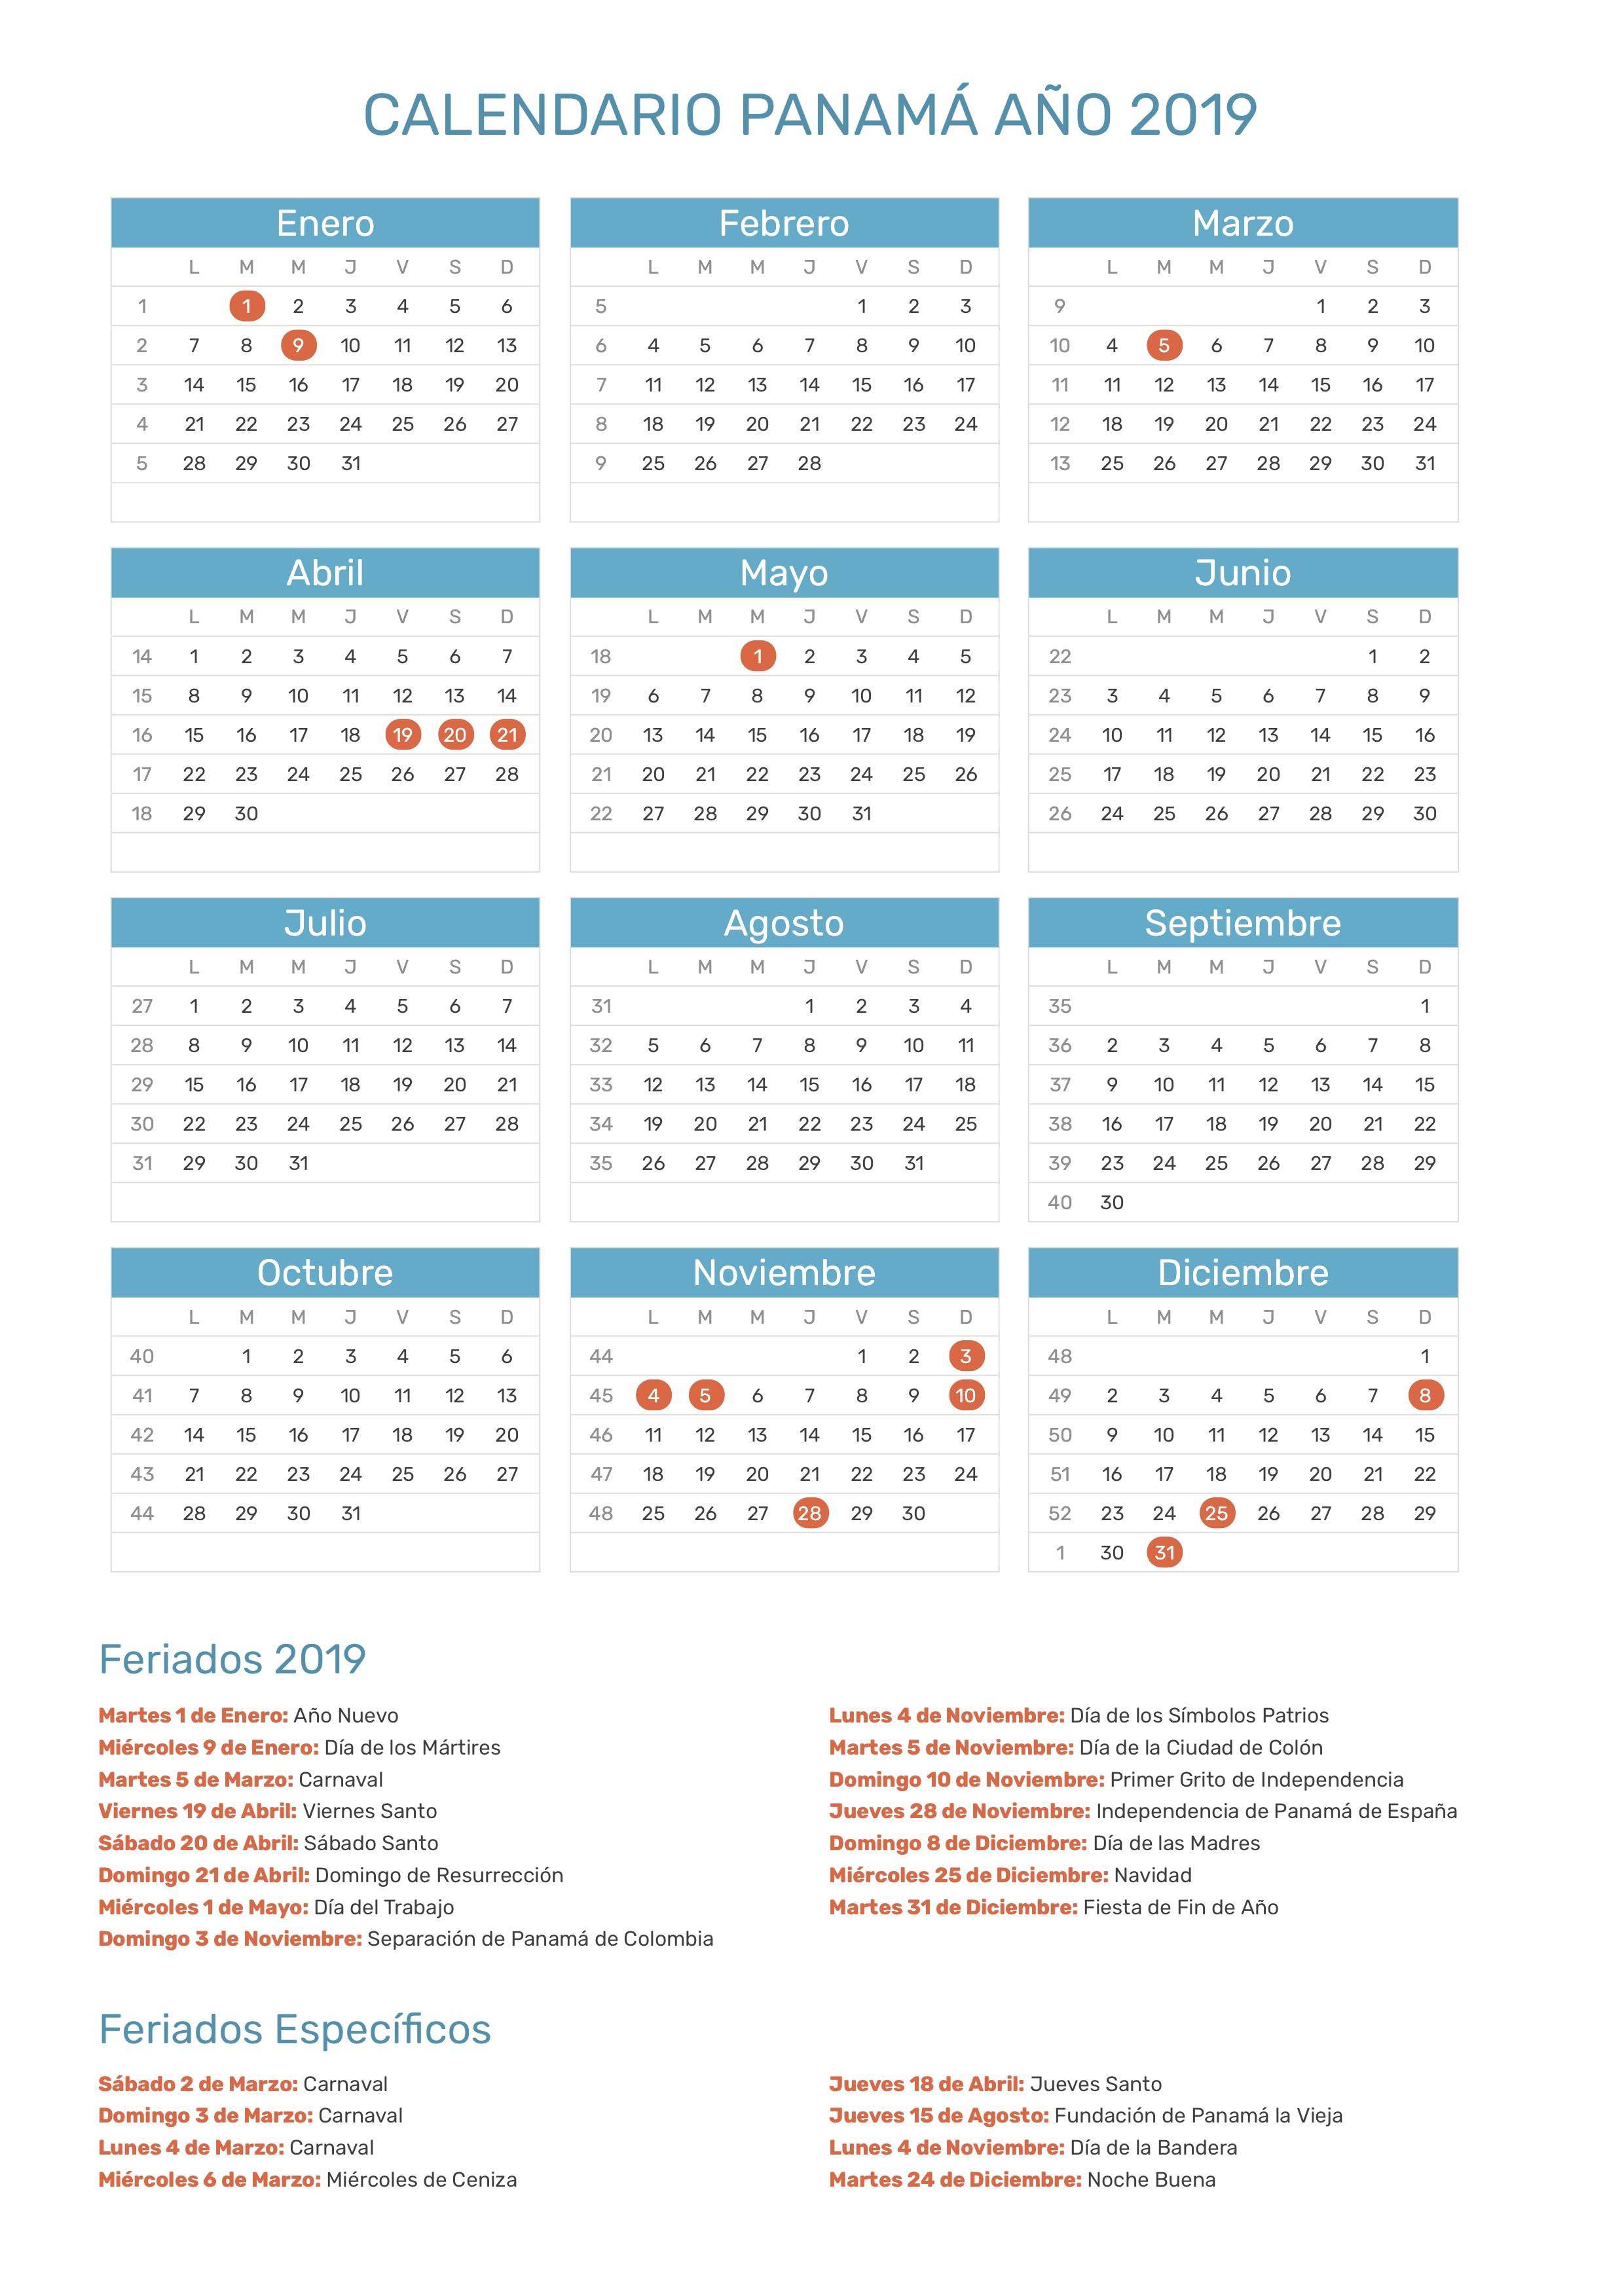 Calendario Panama 2019 Con Festivos.Calendario De Panama Ano 2019 Feriados